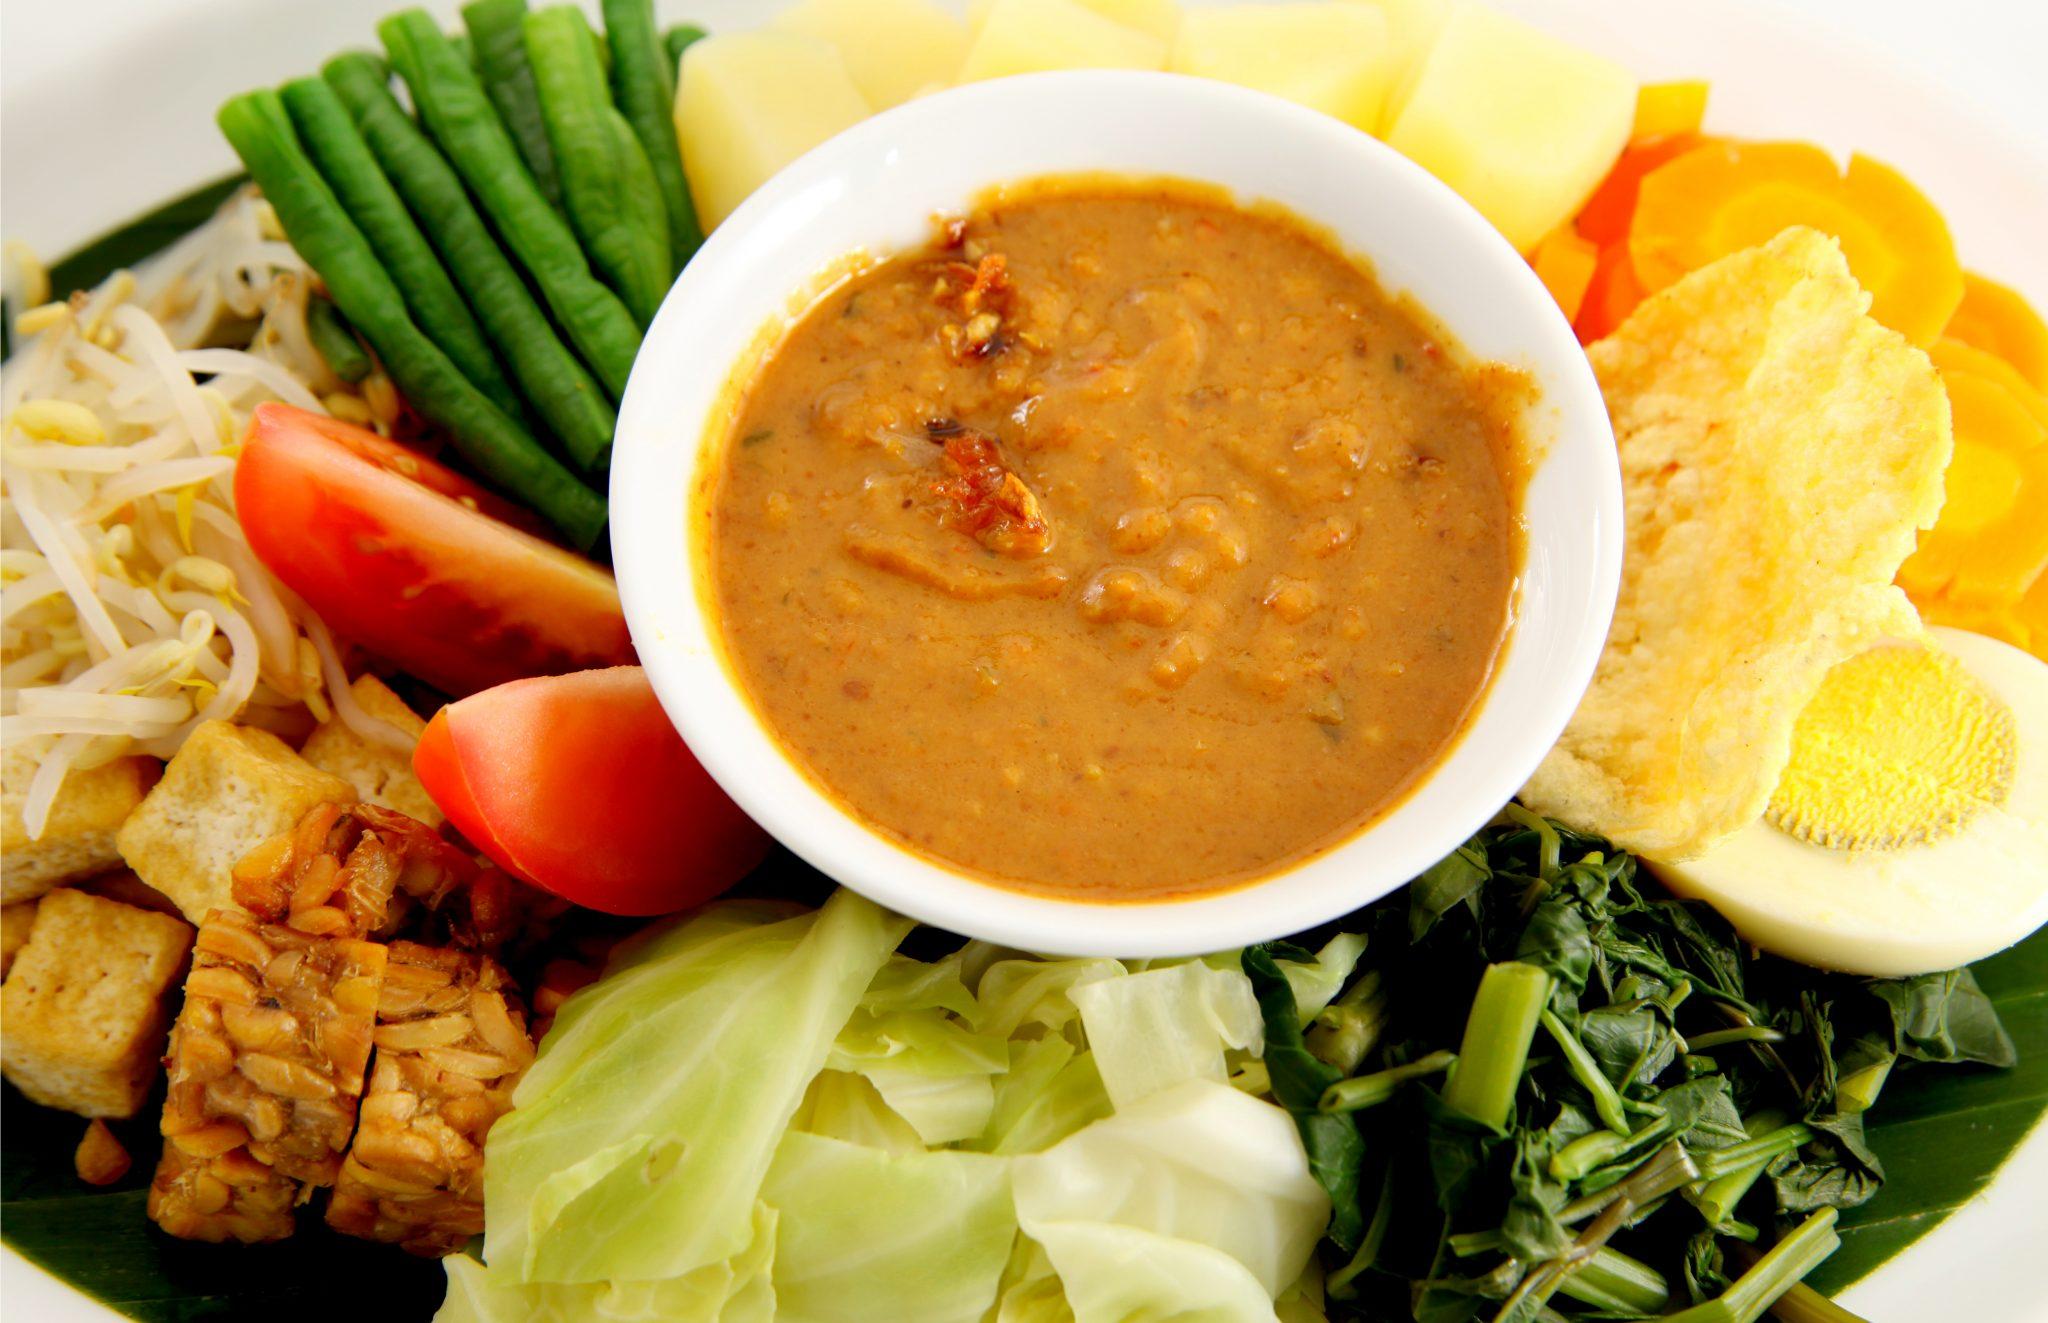 インドネシア料理のガドガド